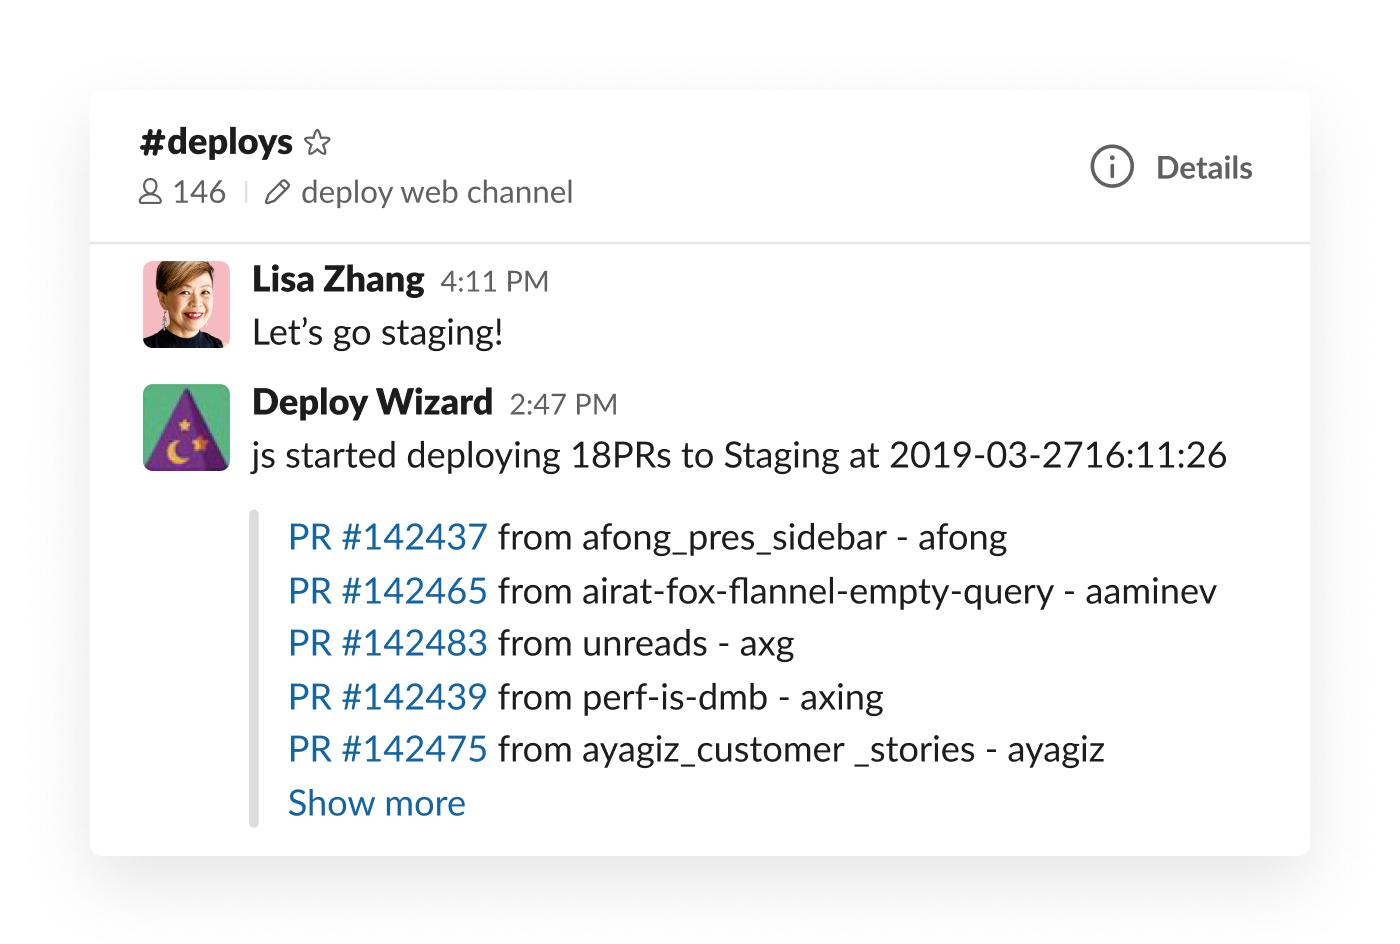 Deploy Wizard integration in Slack posting staging updates